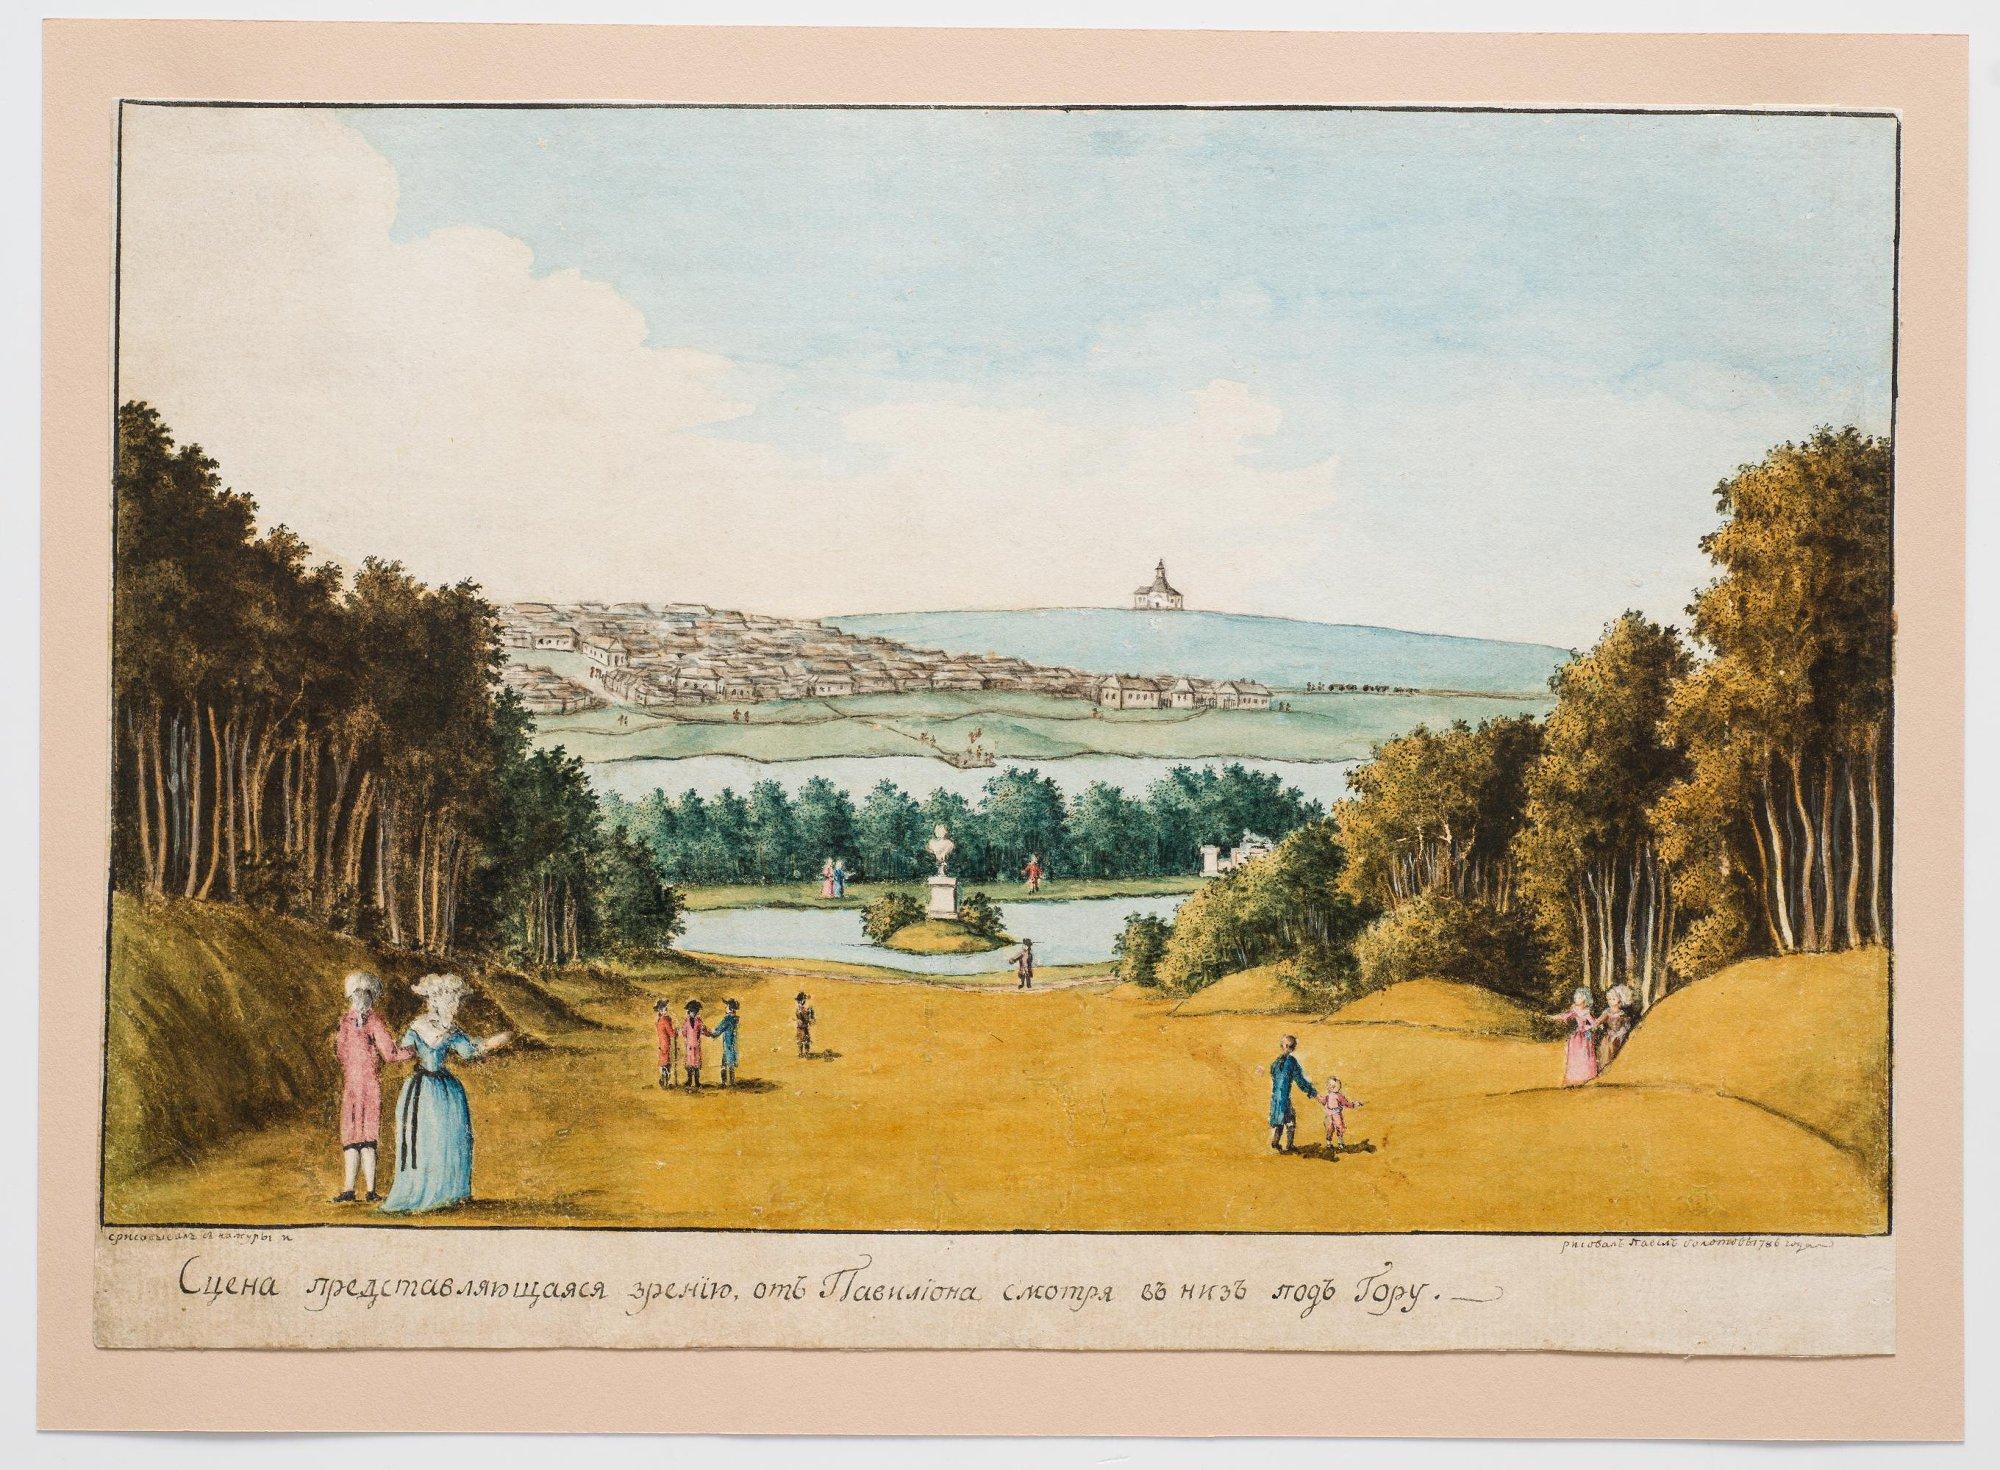 Вид на Богородицкий парк с горы (Сцена представляющаяся зрению от павильона смотря вниз под гору)